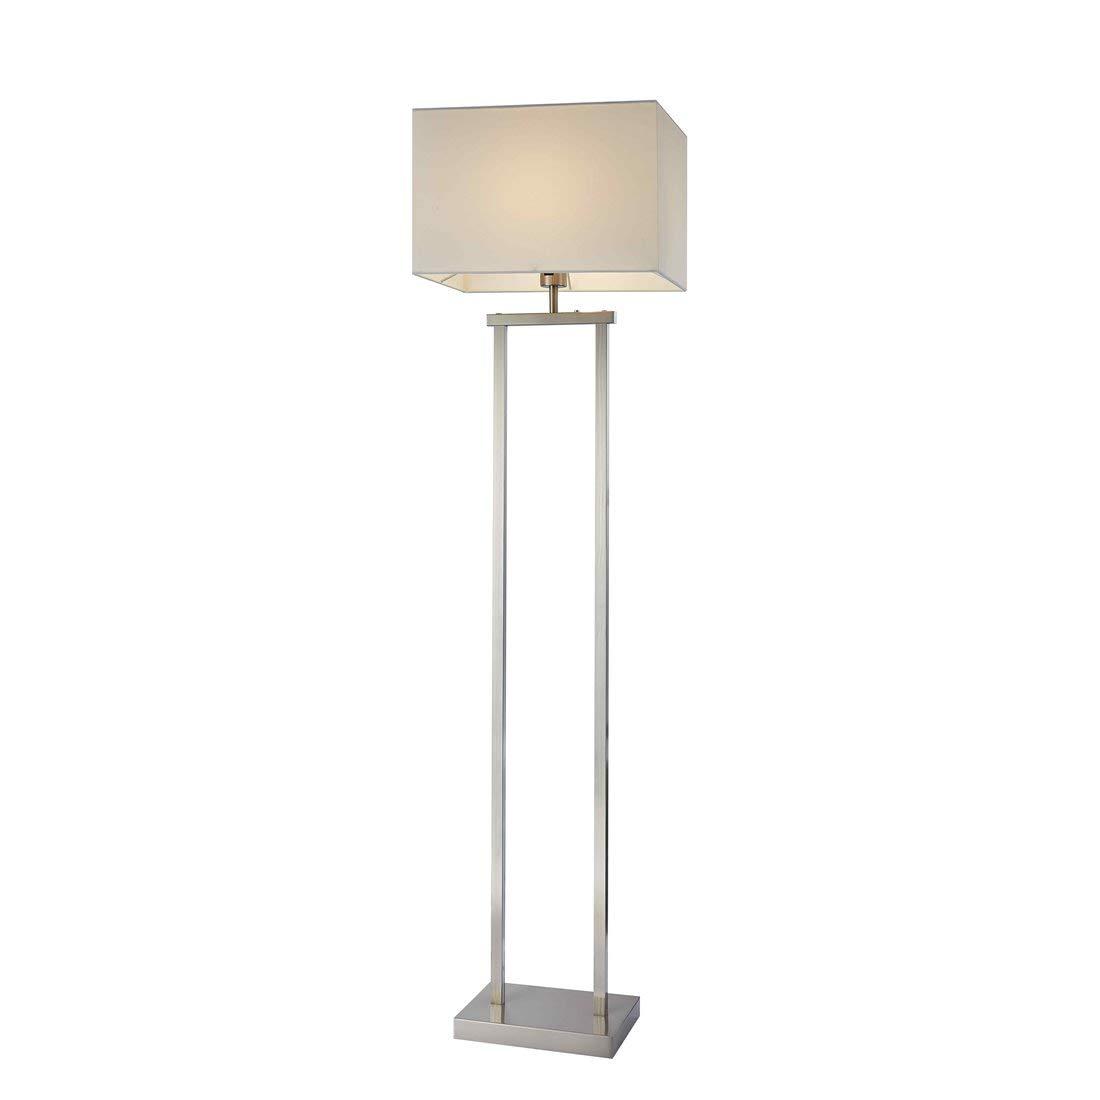 Nino LED Stehleuchte Sydney - Höhe  1500 mm - Lampe Leuchte Hängelampe Deckenlampe Wohnzimmerlampe